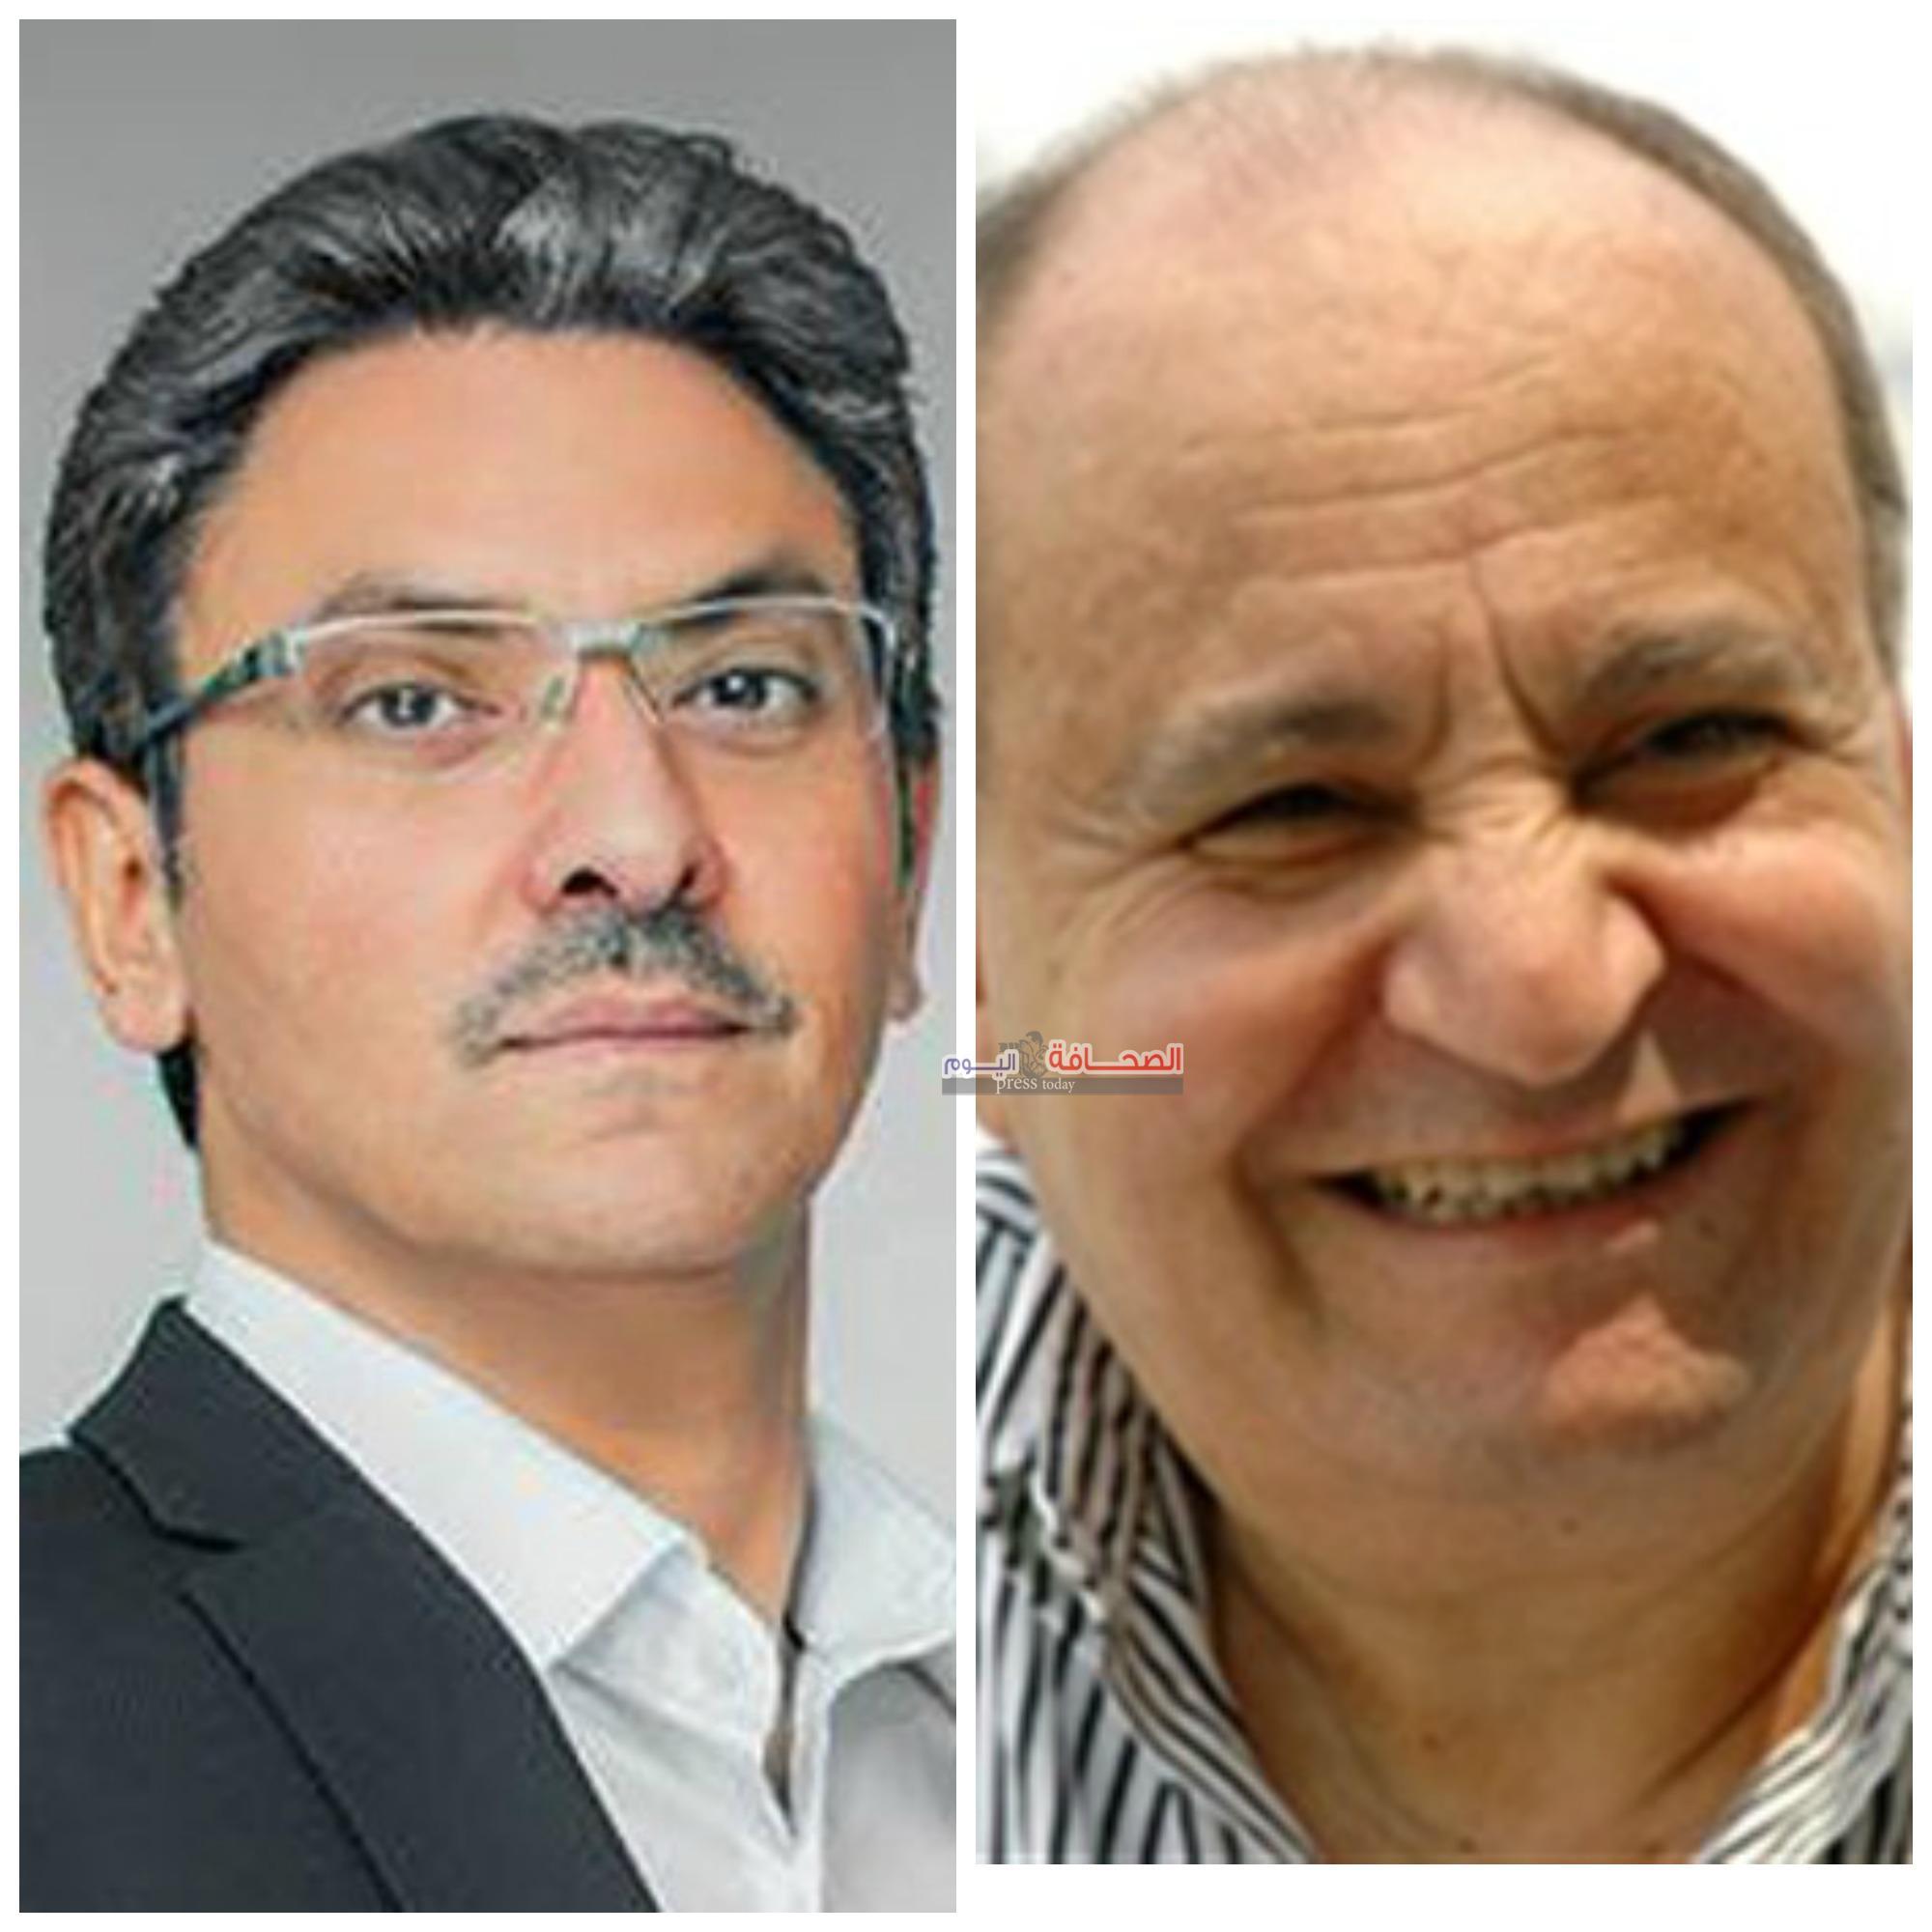 تكريم وحيد حامد مهرجان بورسعيد للفيلم العربي